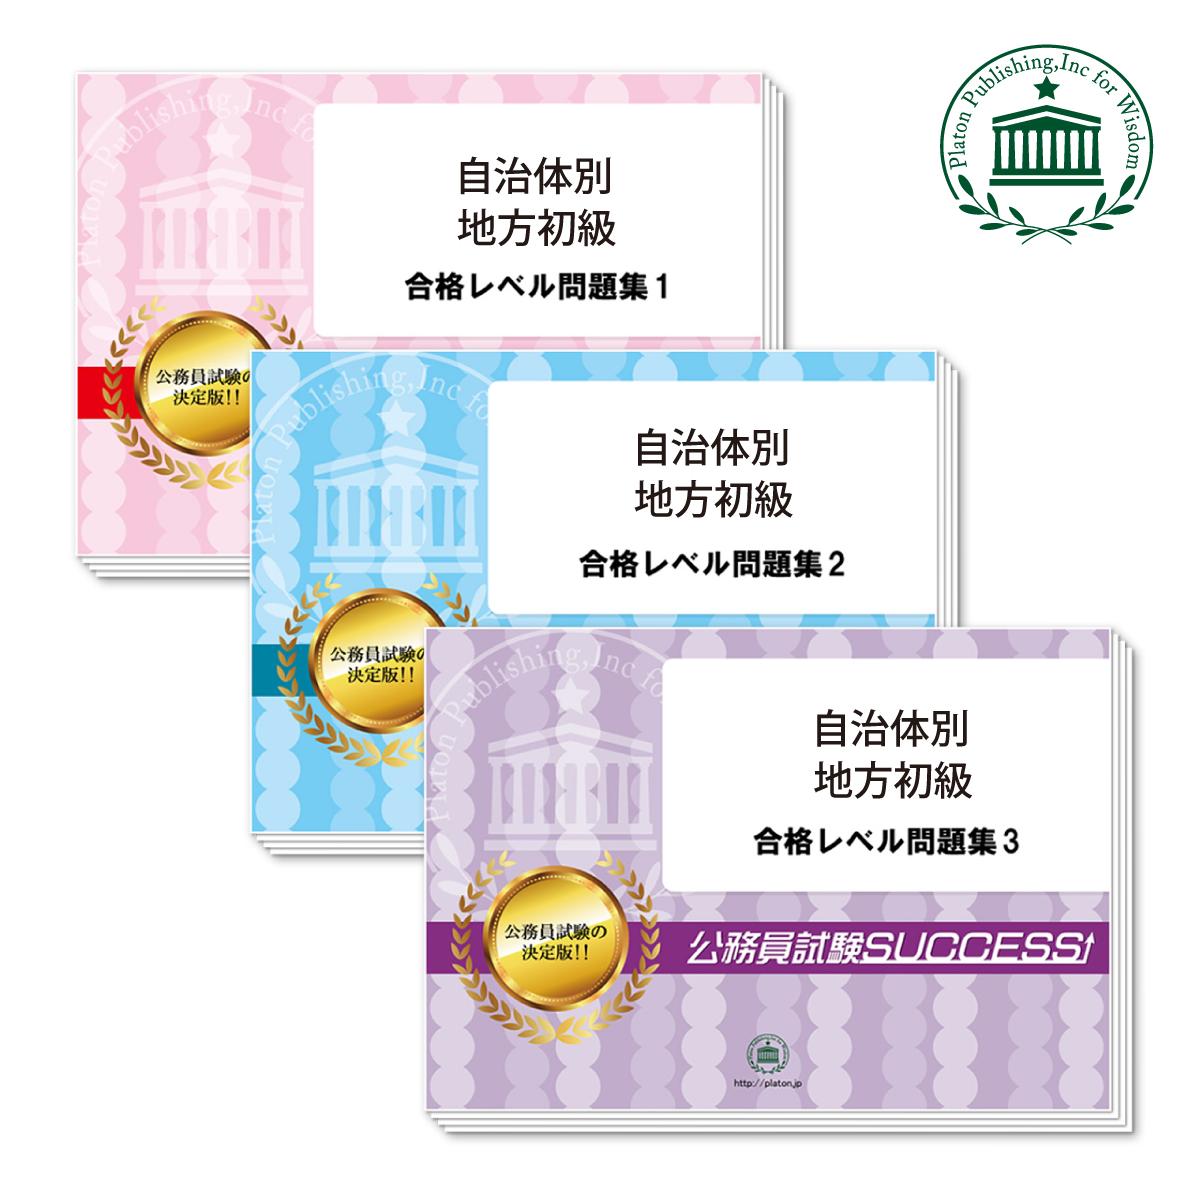 送料 通販 代引手数料無料 期間限定 秋田県職員採用 教養試験合格セット 高校卒業程度 3冊